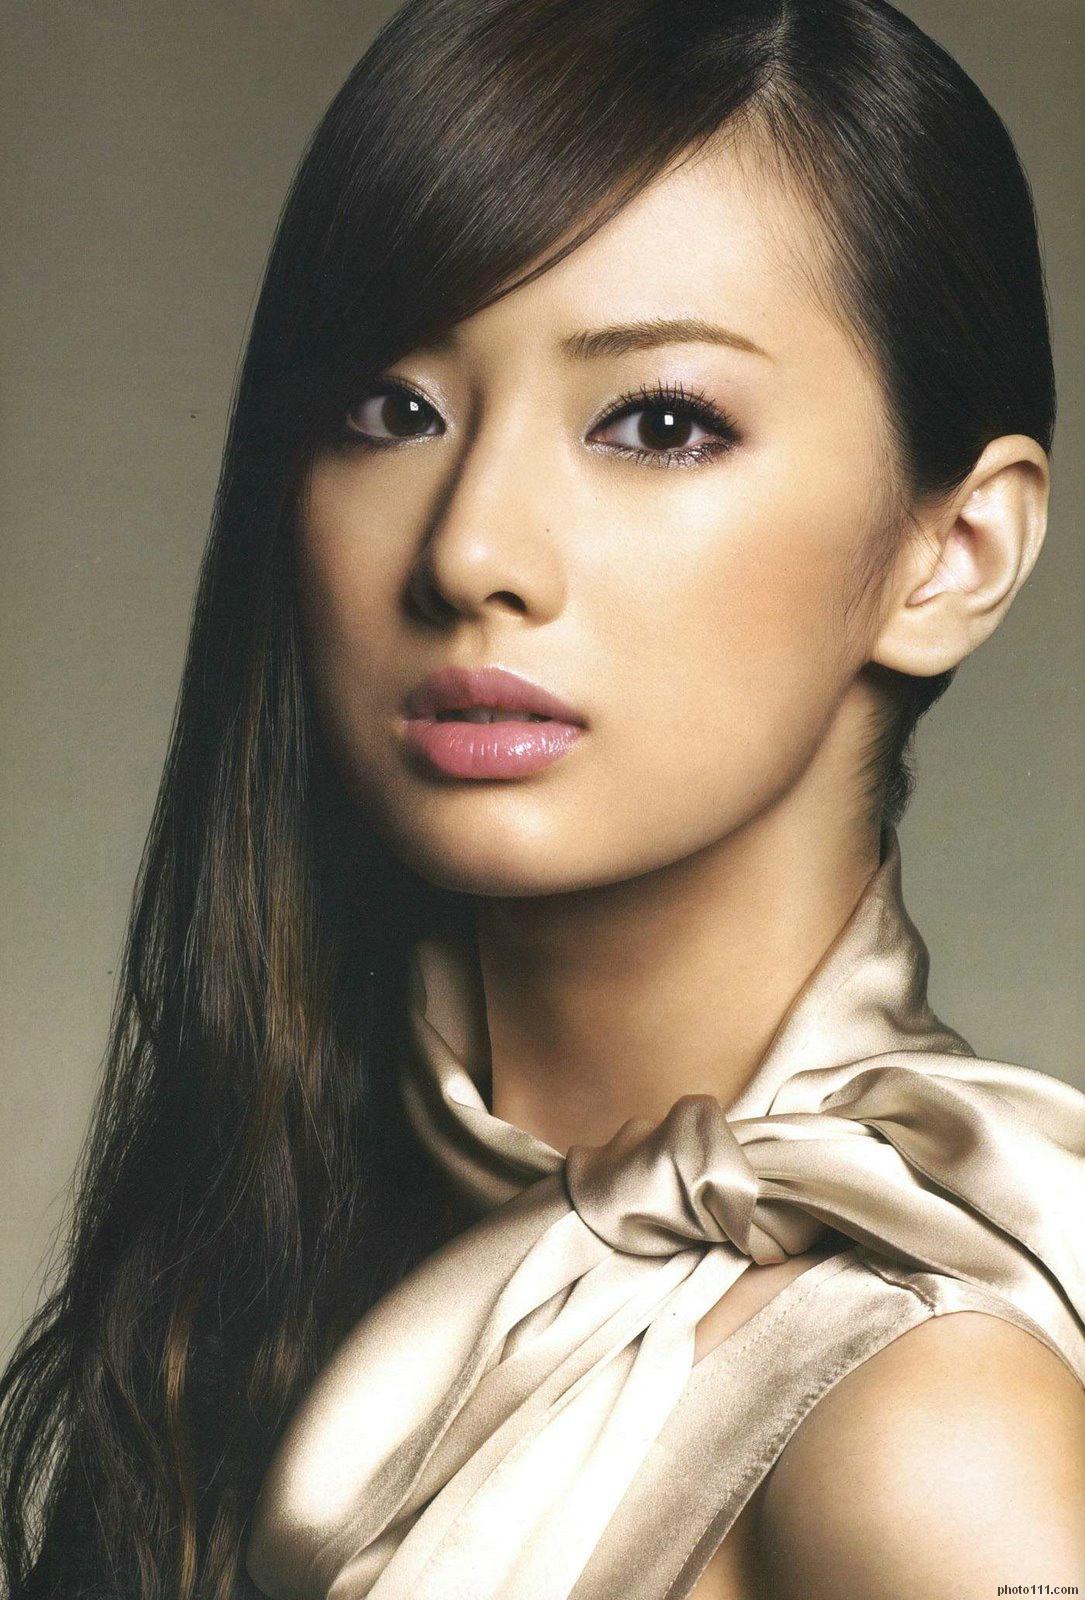 http://3.bp.blogspot.com/_fDnOMEO_8lg/S9lGjNoD__I/AAAAAAAAF8A/O3gVKne5bCw/s1600/KeikoKitagawa044.jpg